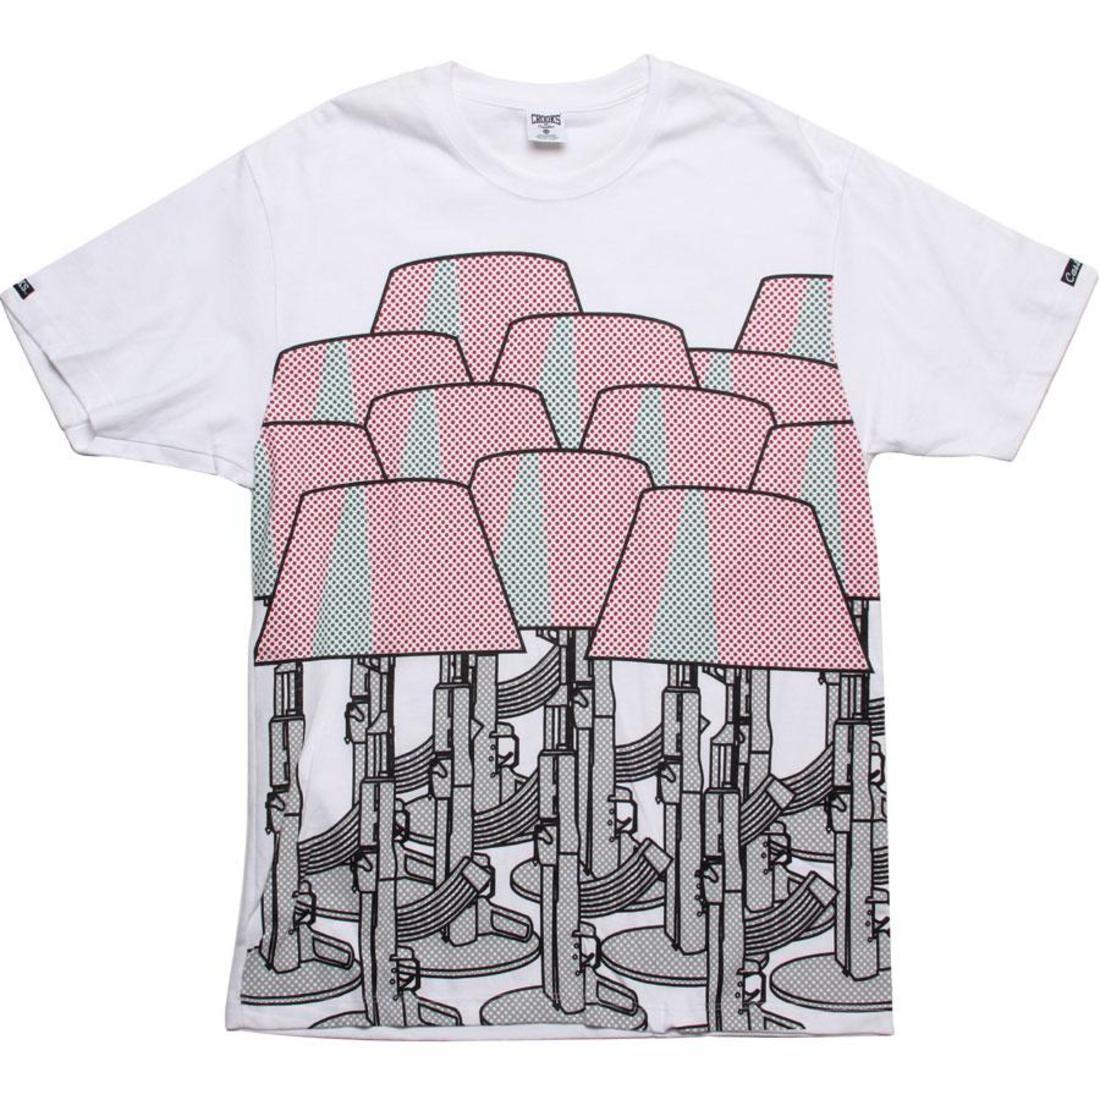 【海外限定】Tシャツ メンズファッション トップス 【 CROOKS AND CASTLES STARCK REALITY TEE WHITE 】